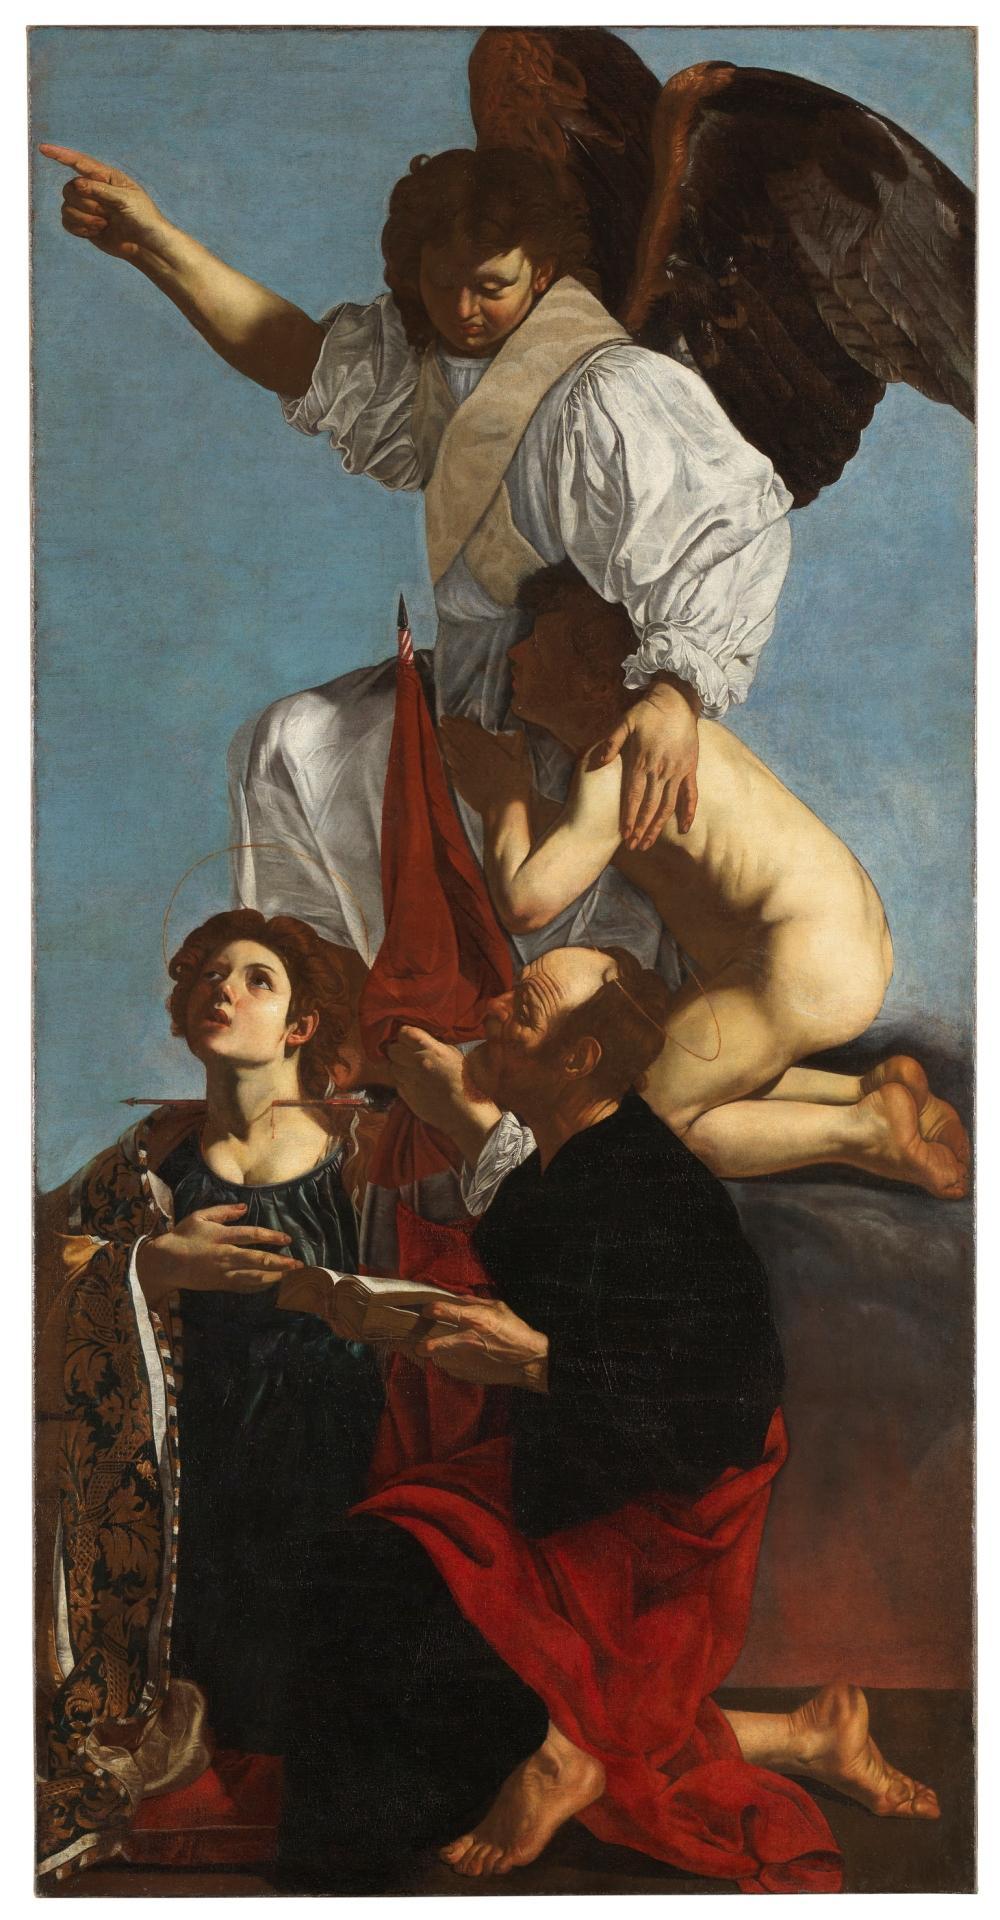 Ángel custodio con santa Úrsula y santo Tomás. Cecco de Caravaggio (Francesco Buoneri). (Museo del Prado)